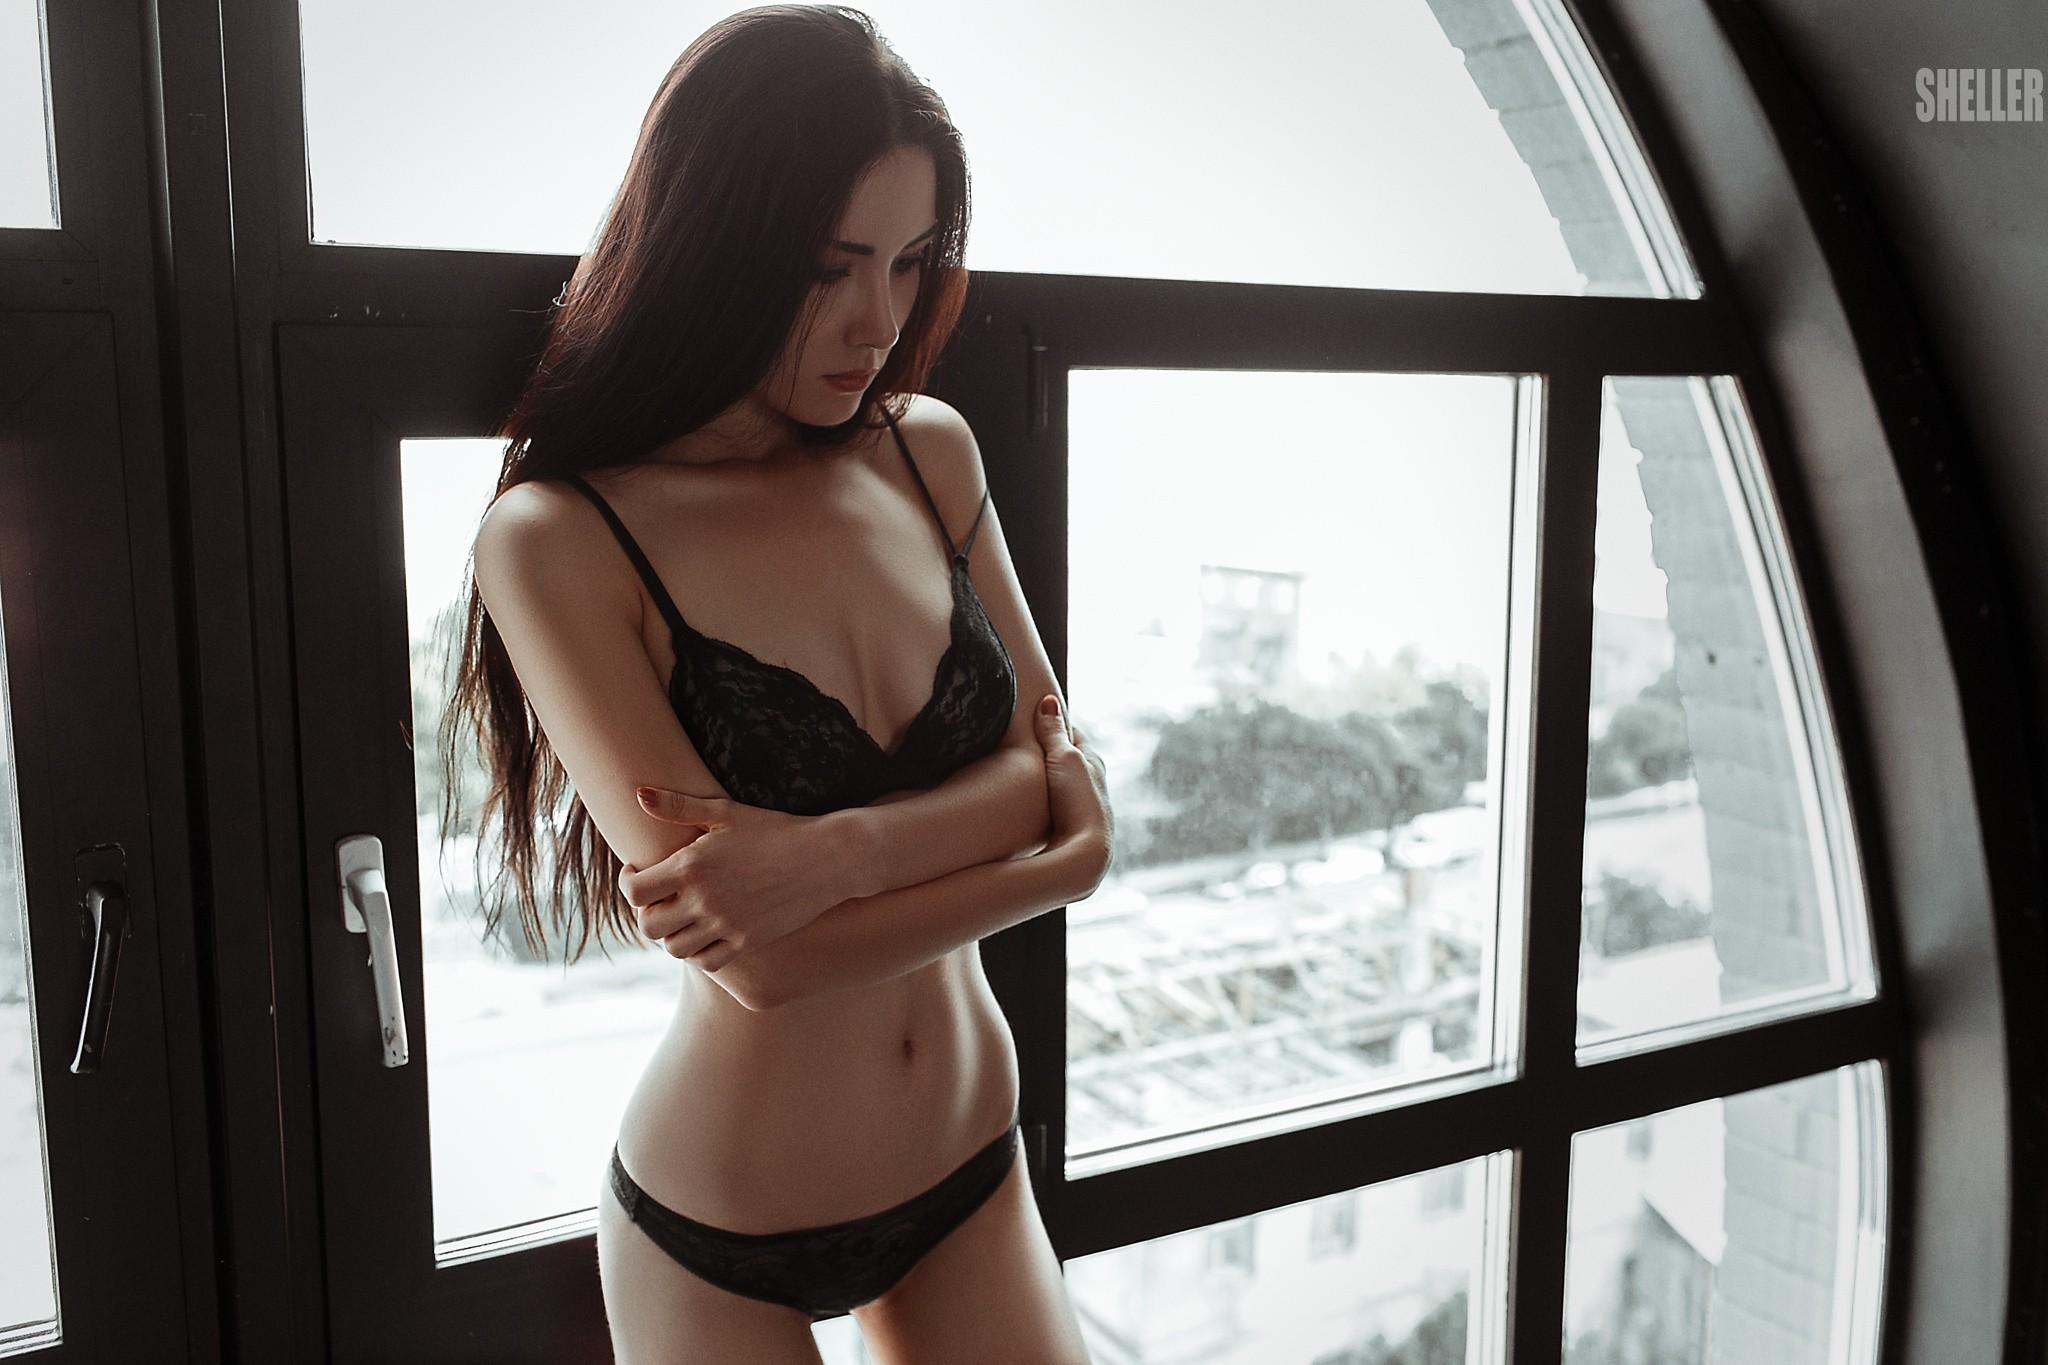 Sideboobs Jaerah nudes (26 photo), Sexy, Sideboobs, Selfie, lingerie 2019